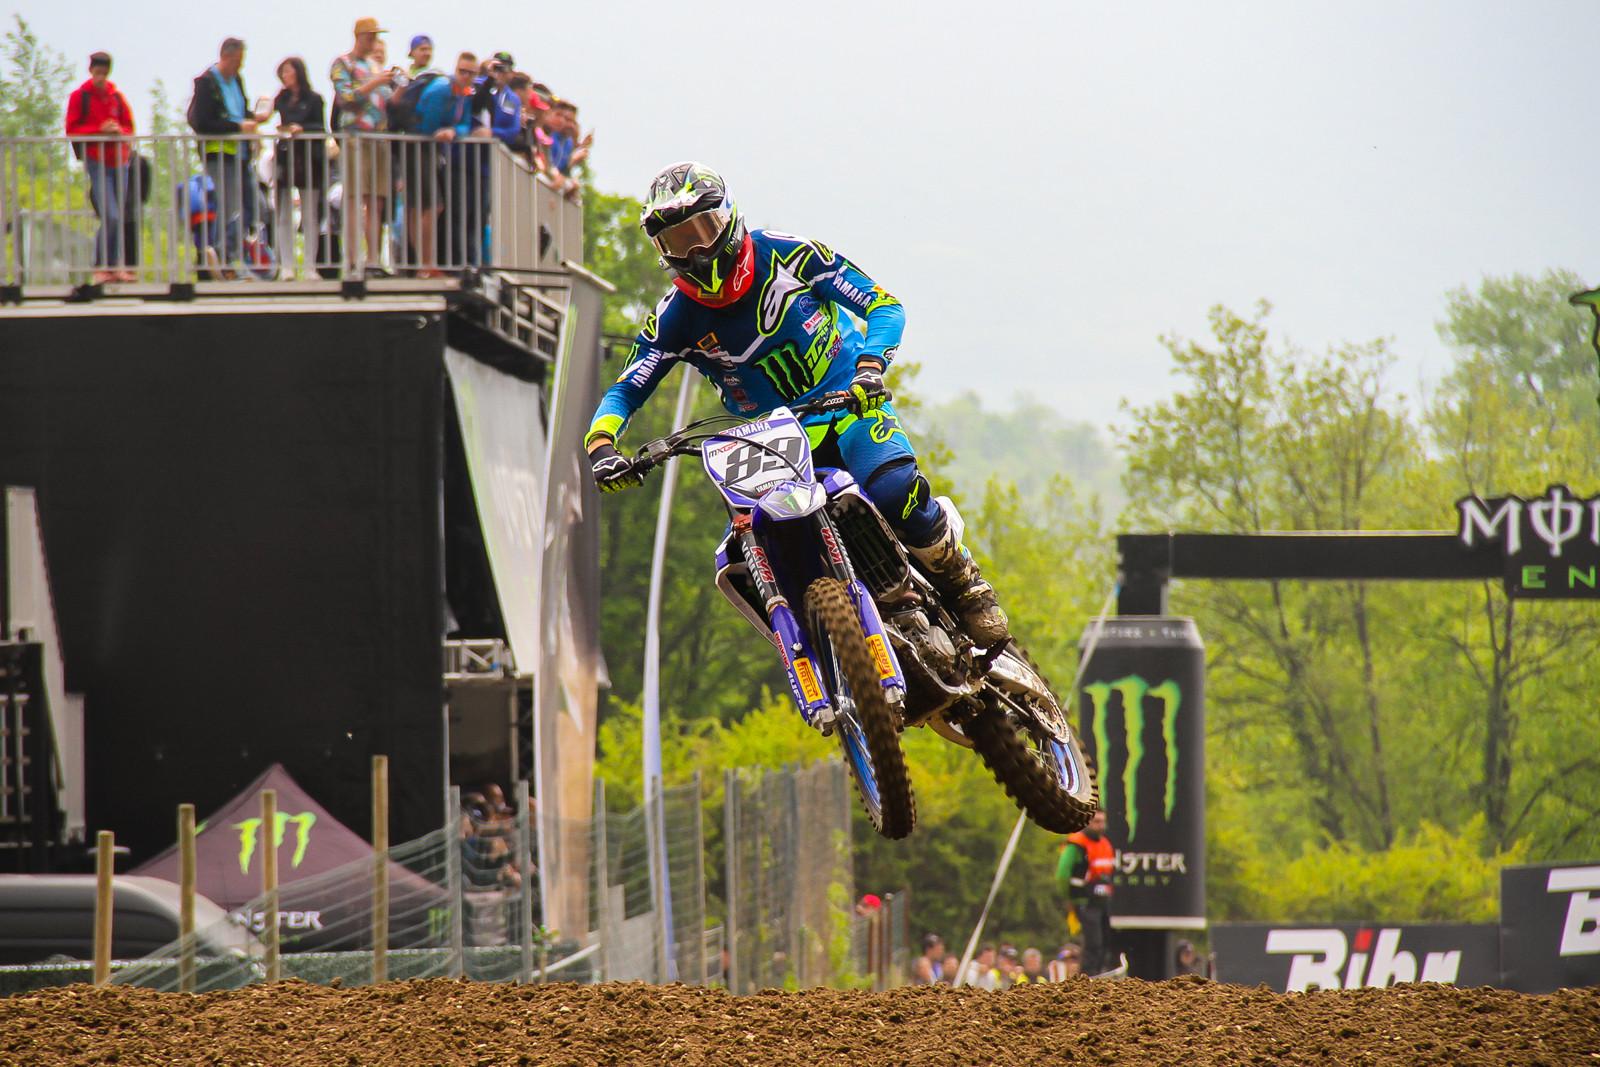 Jeremy van Horebeek - Photo Blast: 2017 MXGP of Trentino - Motocross Pictures - Vital MX